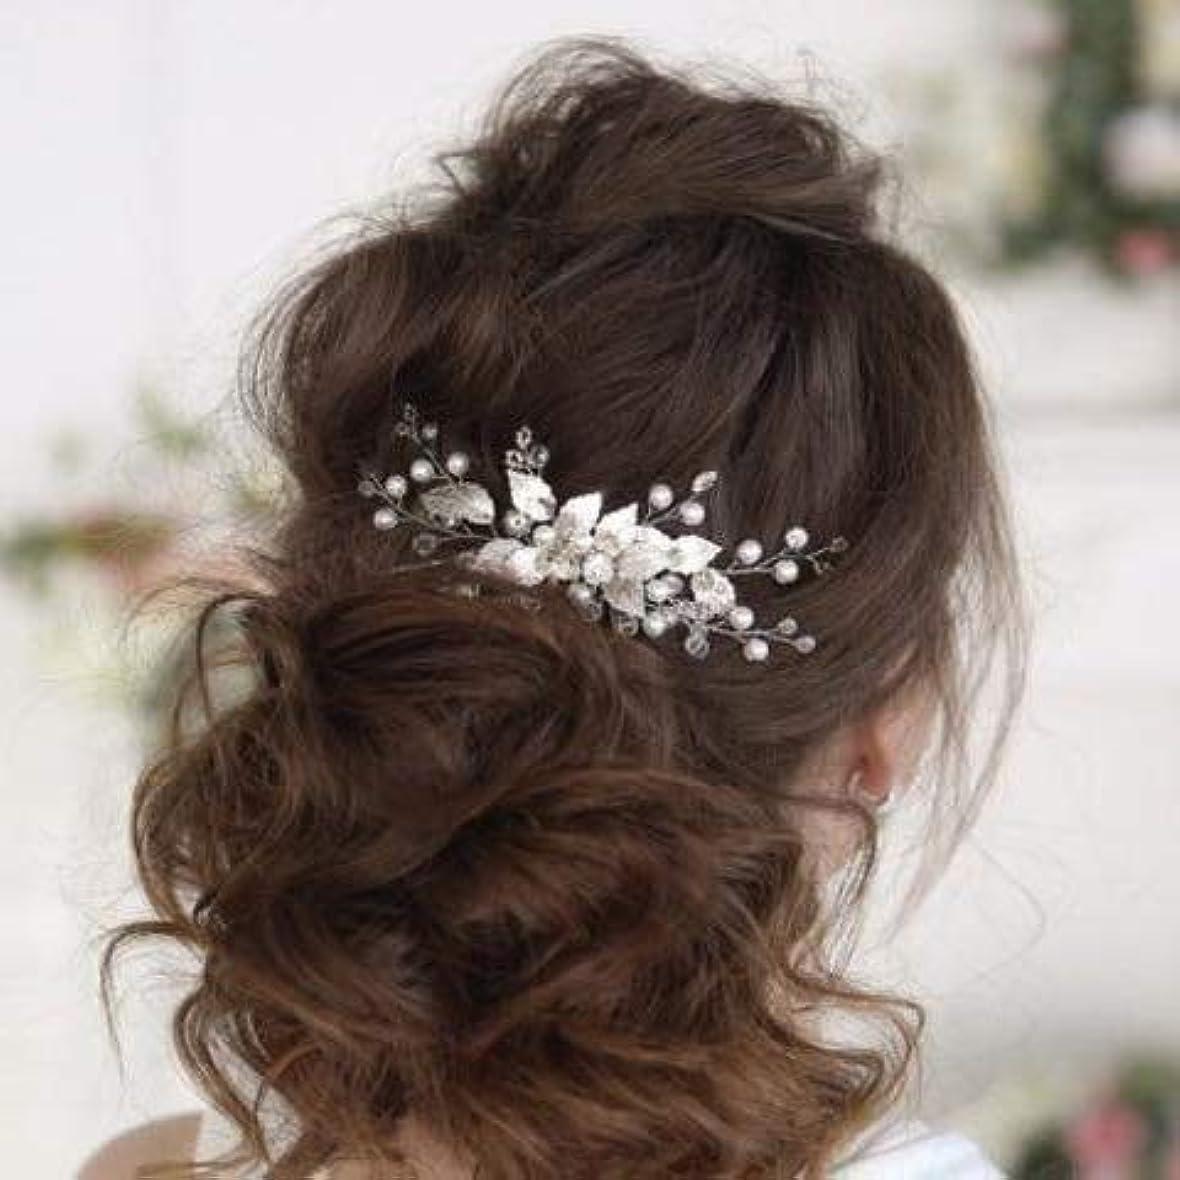 ケニア新聞愛国的なKercisbeauty Boho Wedding Bridal Hair Comb Clips Decorative Headband with Crystal Leaf Rhinestones for Brides...